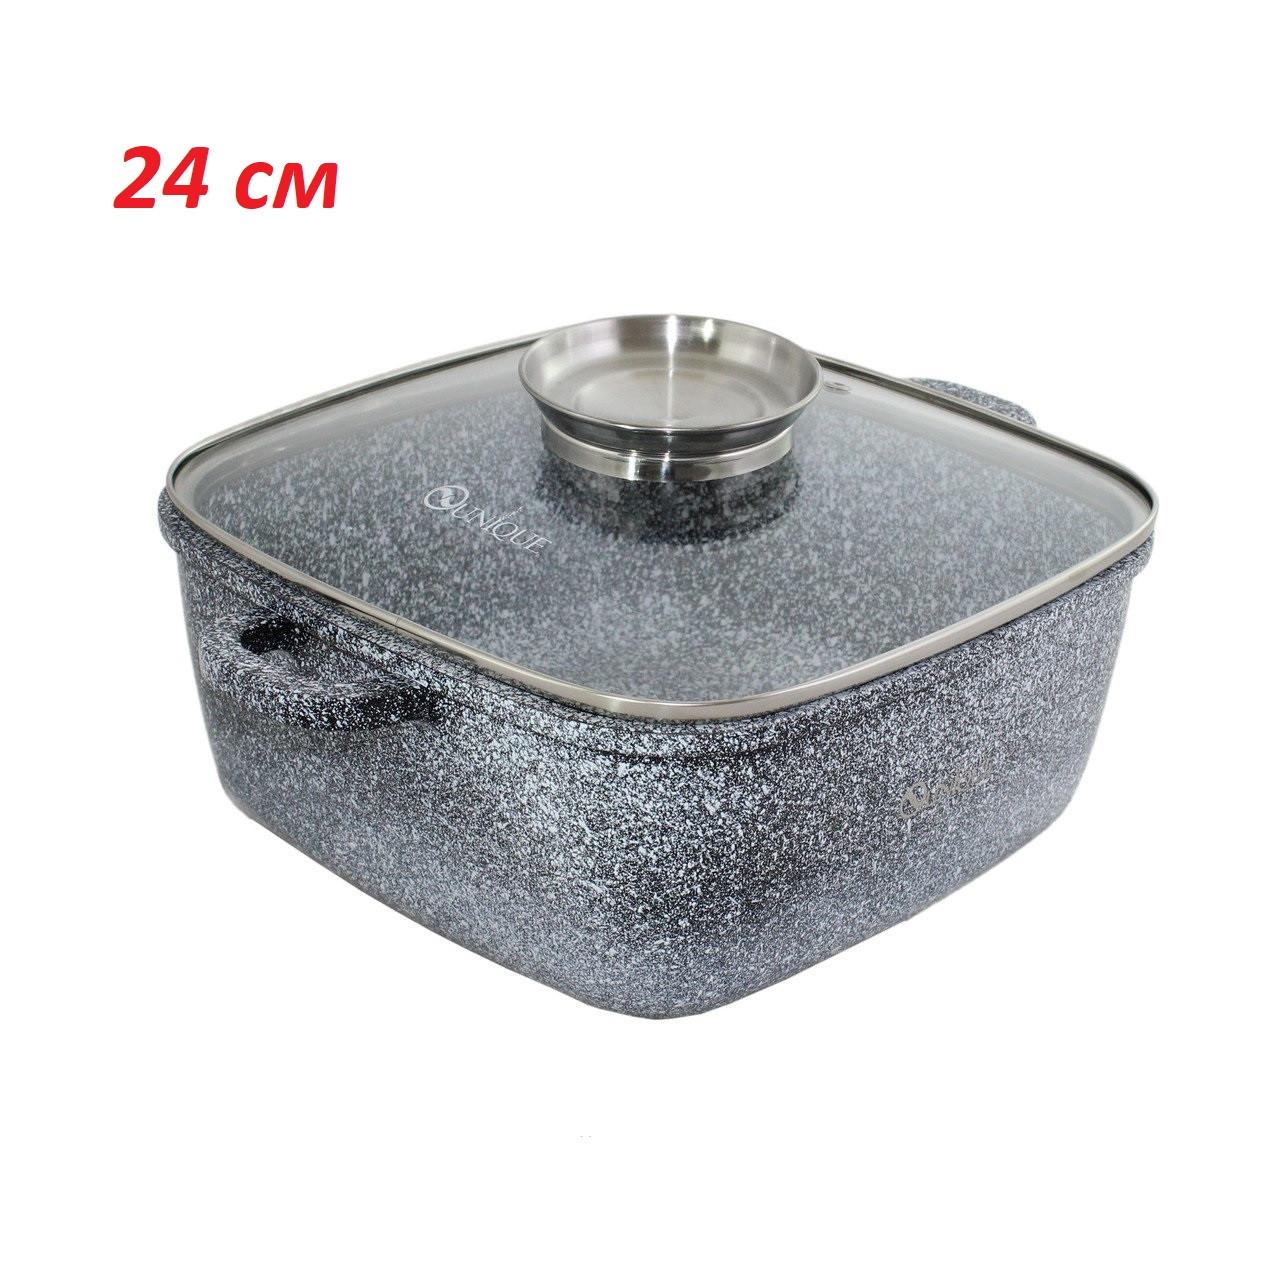 Казан с гранитным покрытием и крышкой UNIQUE UN-5206-24